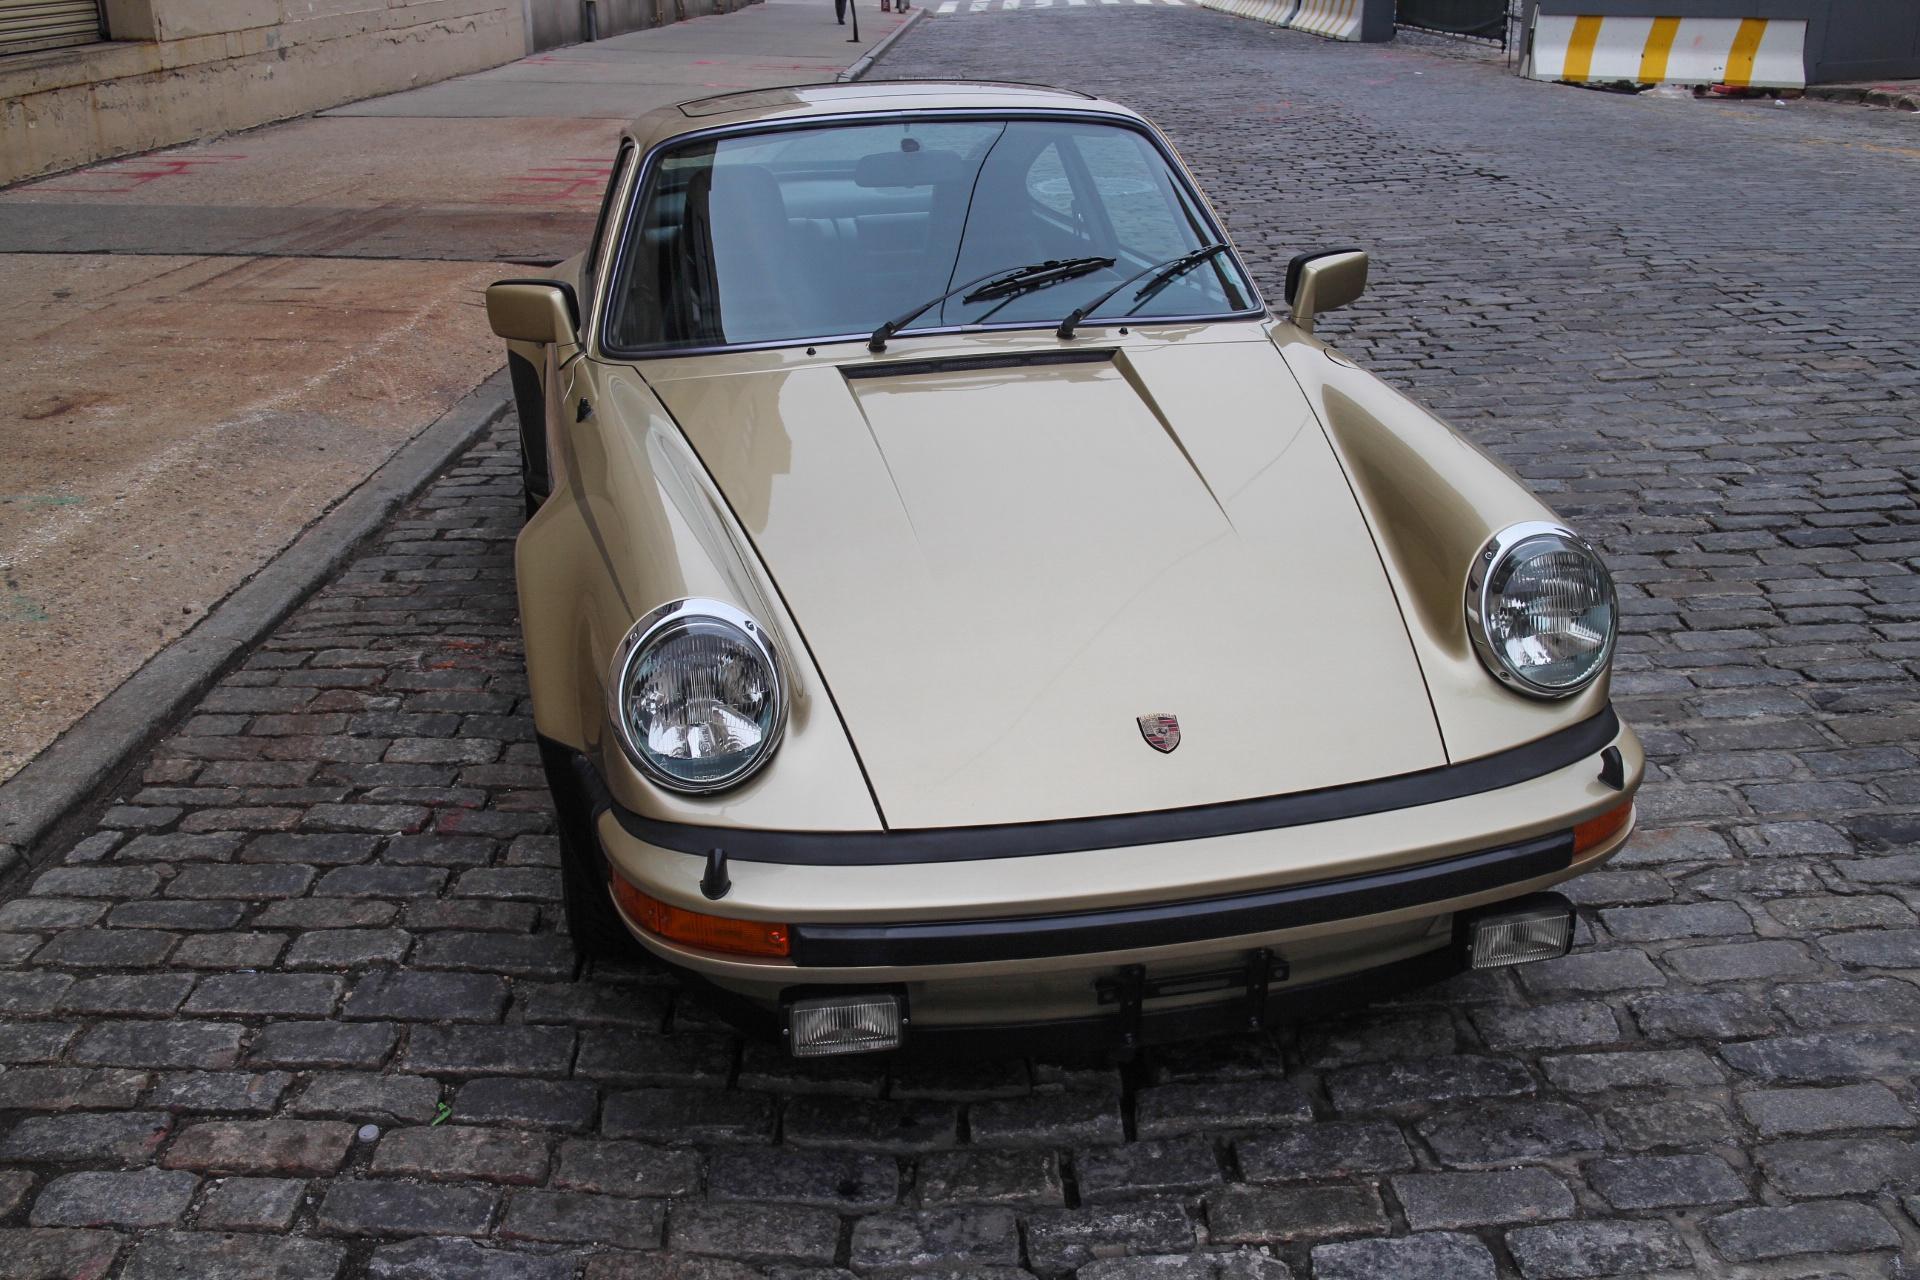 1977 Porsche 930 Turbo Carrera Stock 930781 For Sale Near New York Ny Ny Porsche Dealer